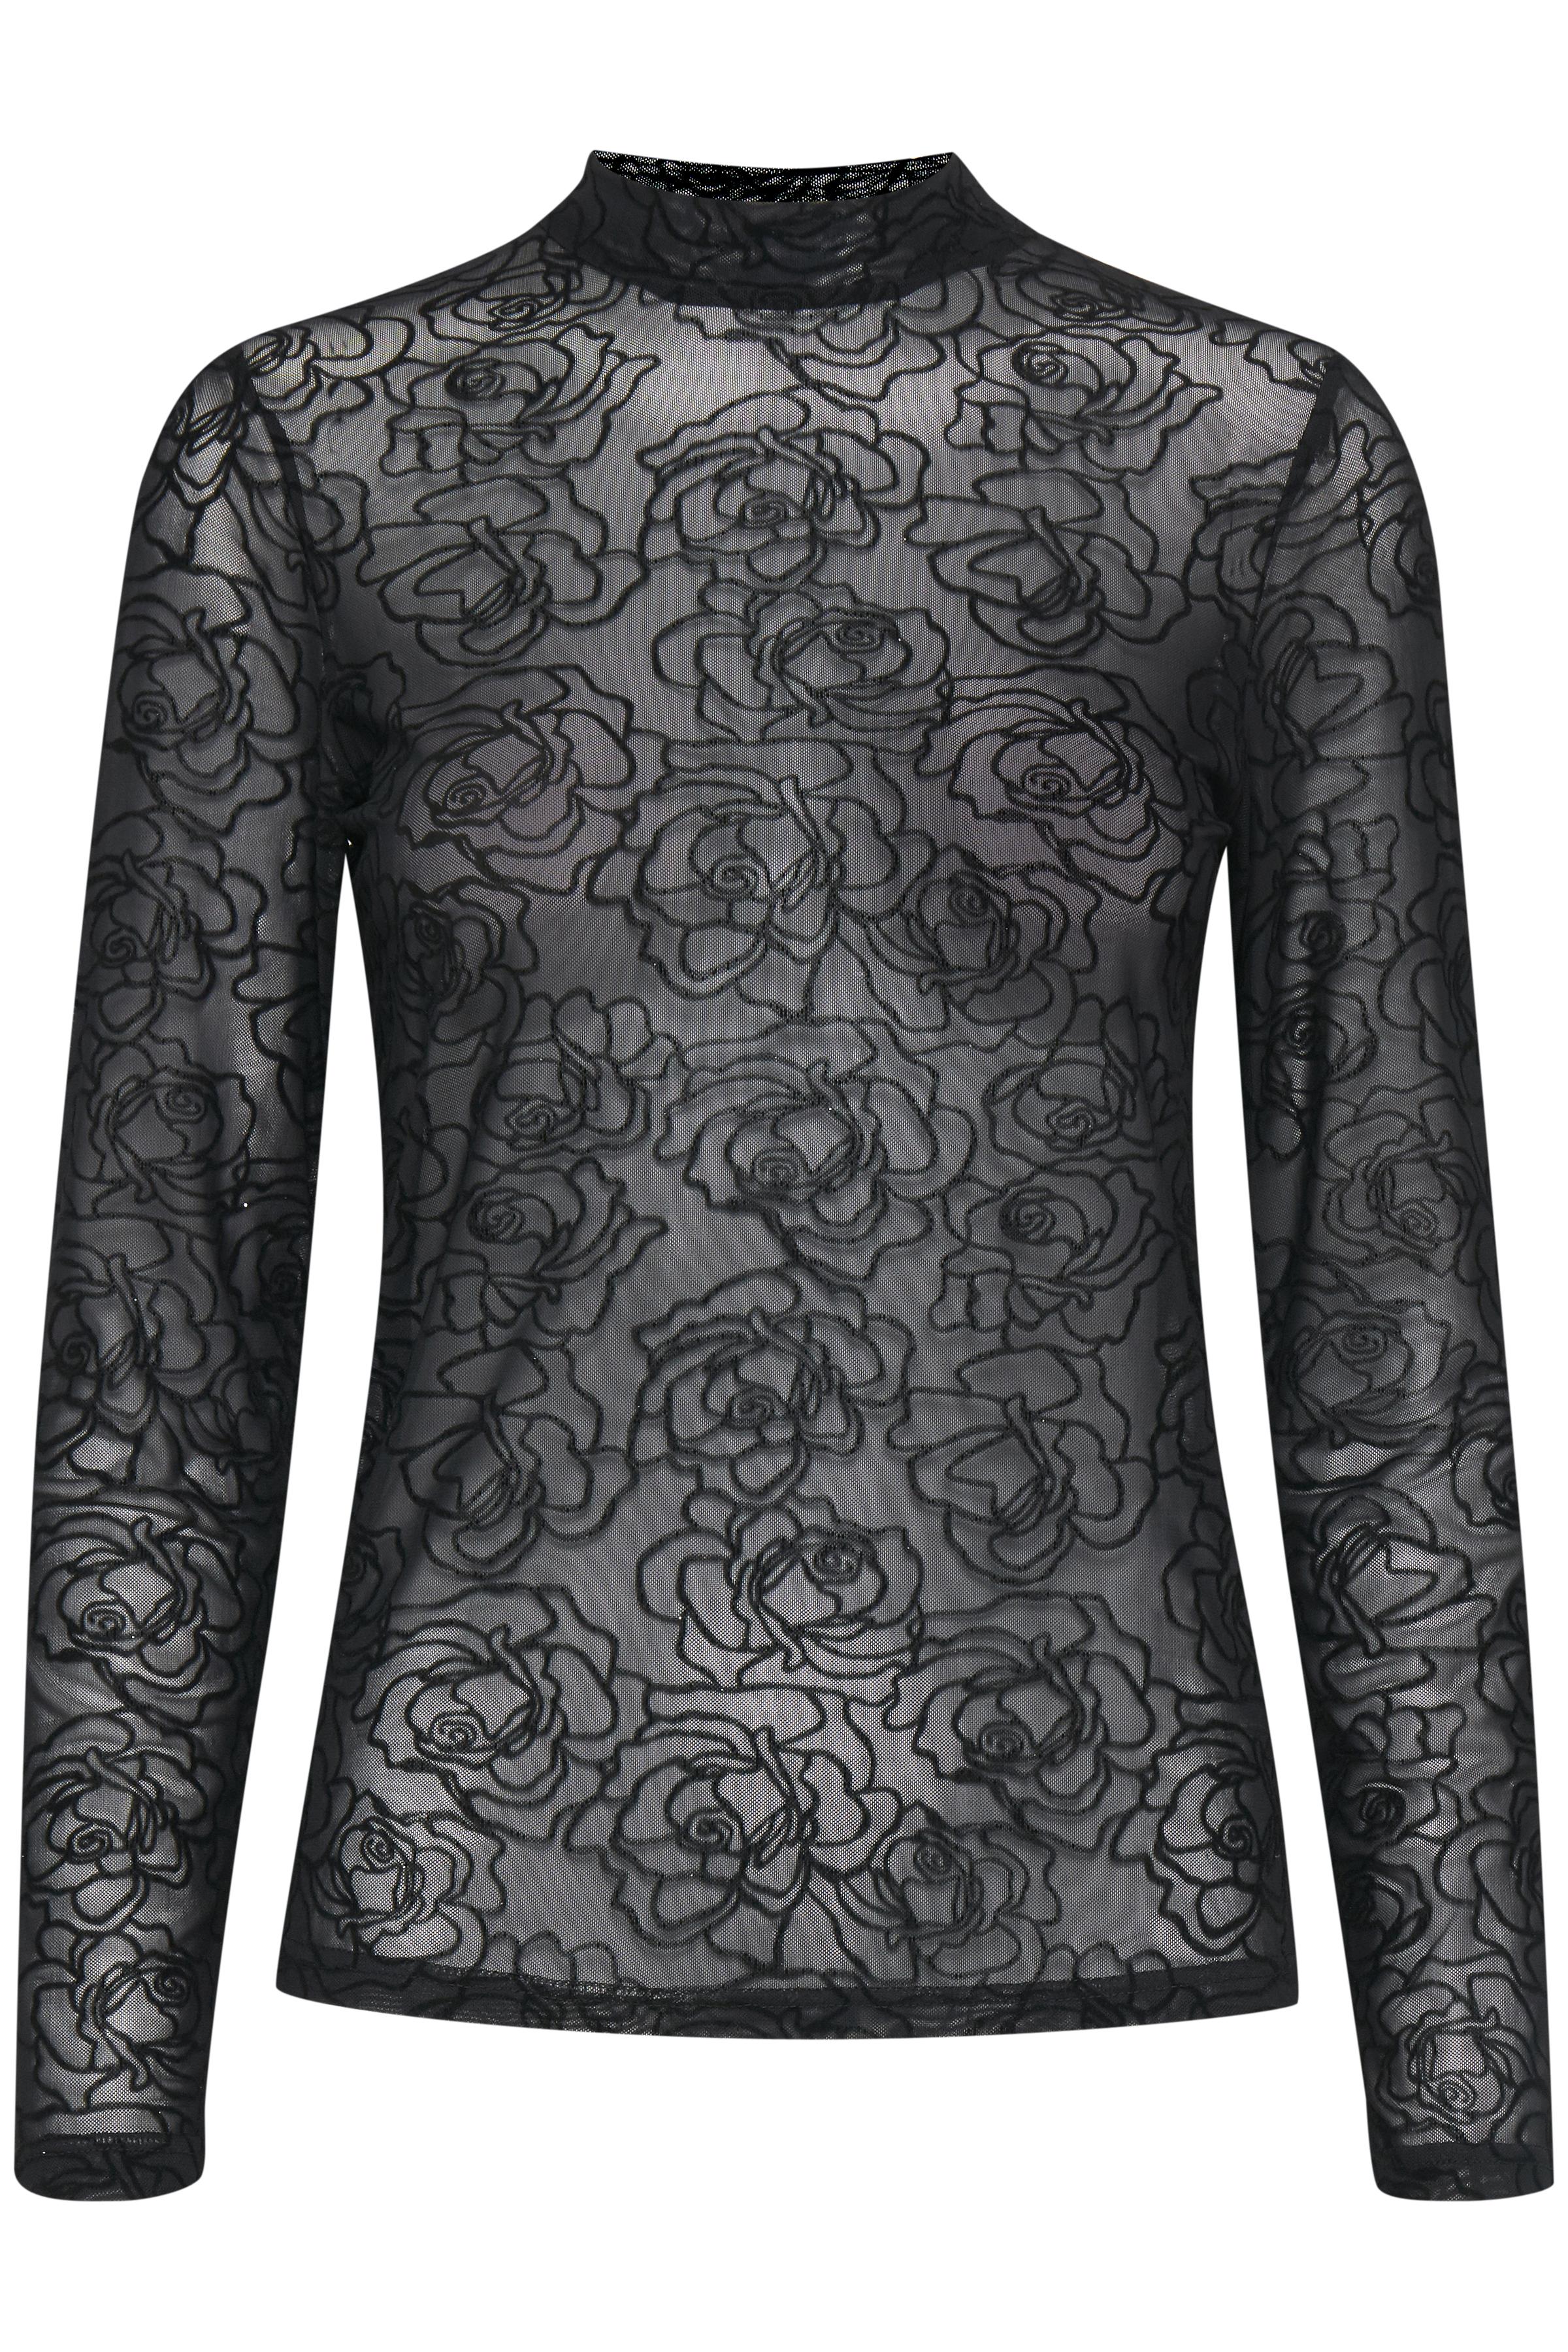 Black rose Combi 2